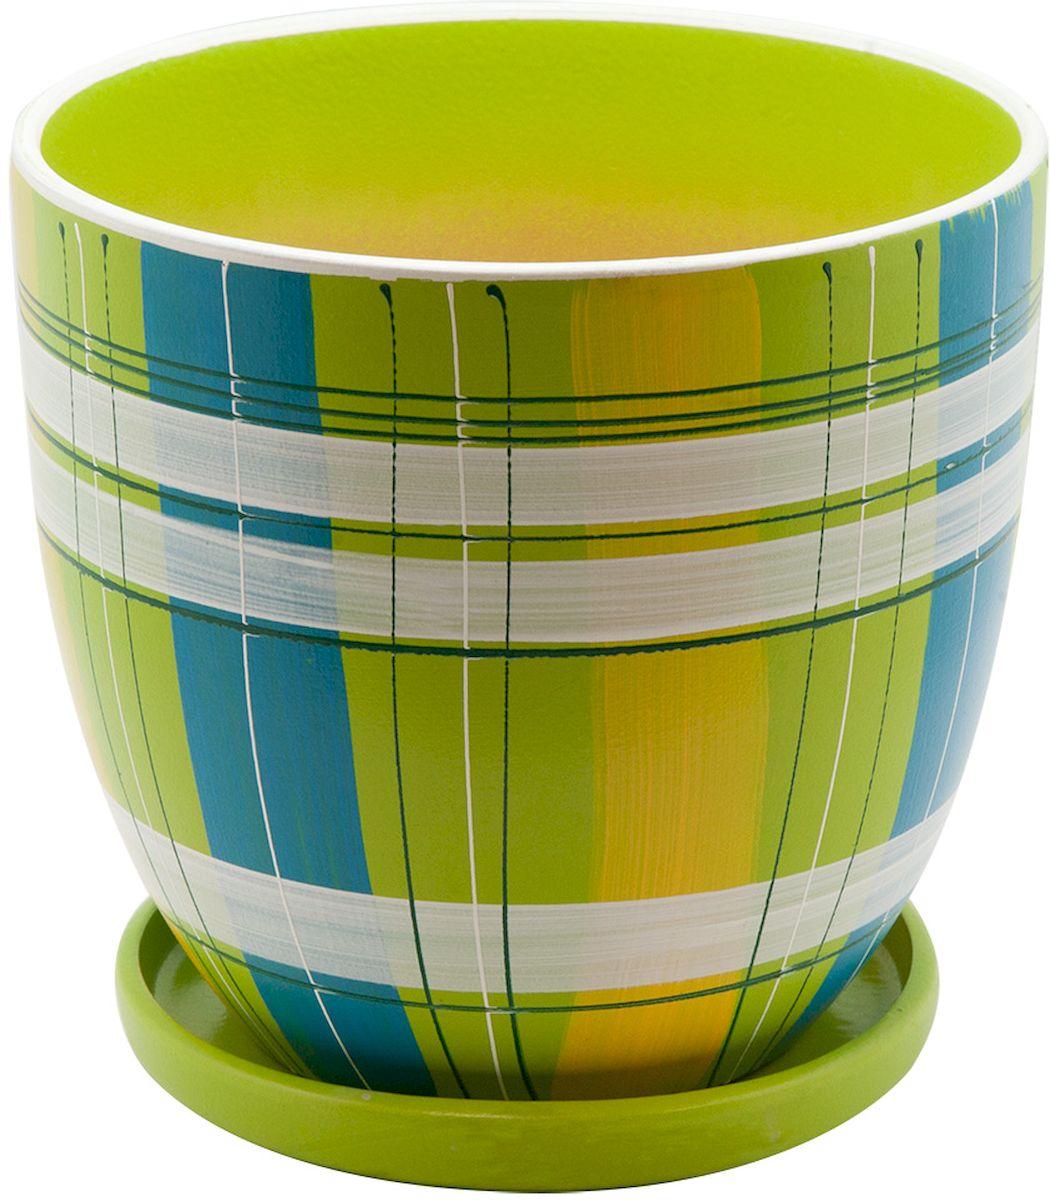 Горшок цветочный Engard, с поддоном, цвет: зеленый, 4,7 лBH-07-3Керамический горшок Engard - это идеальное решение для выращивания комнатных растений и создания изысканности в интерьере. Керамический горшок сделан из высококачественной глины в классической форме и оригинальном дизайне.Объем: 4,7 л.